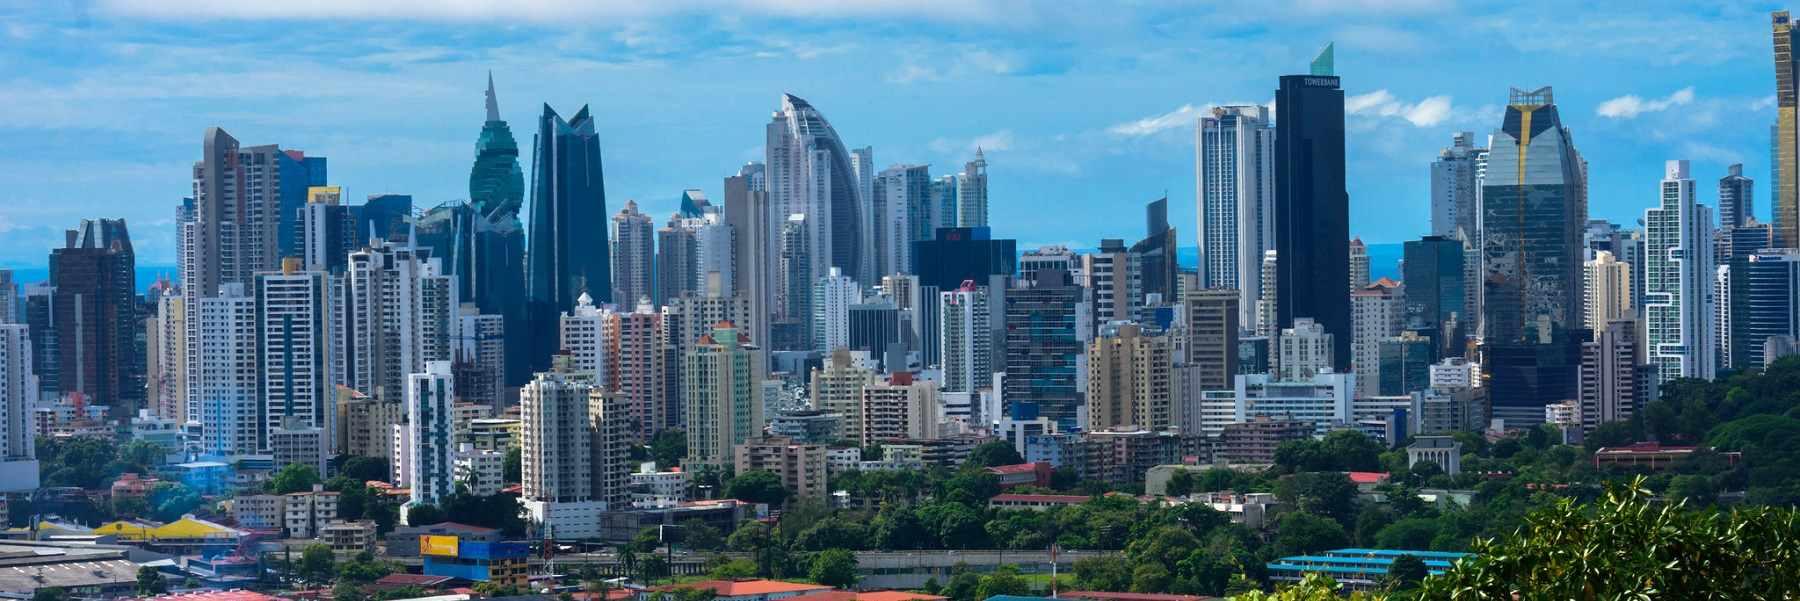 o skyline de Cidade do Panama com Marriott hotel